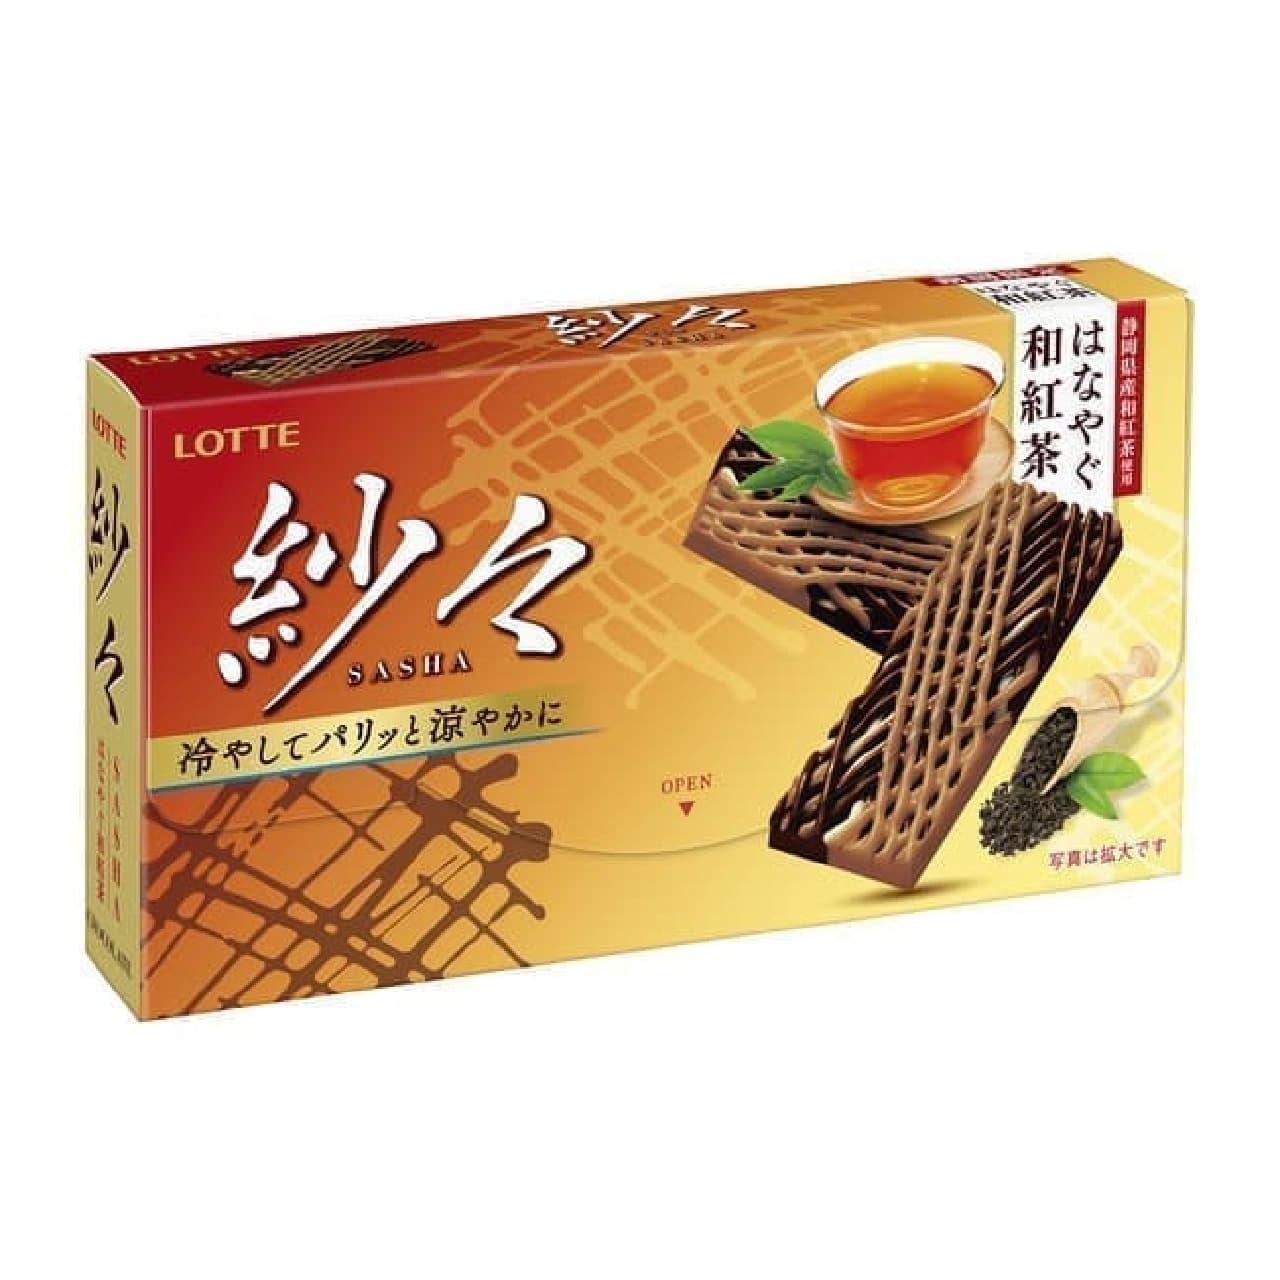 希少な国産紅茶使用「紗々<はなやぐ和紅茶>」